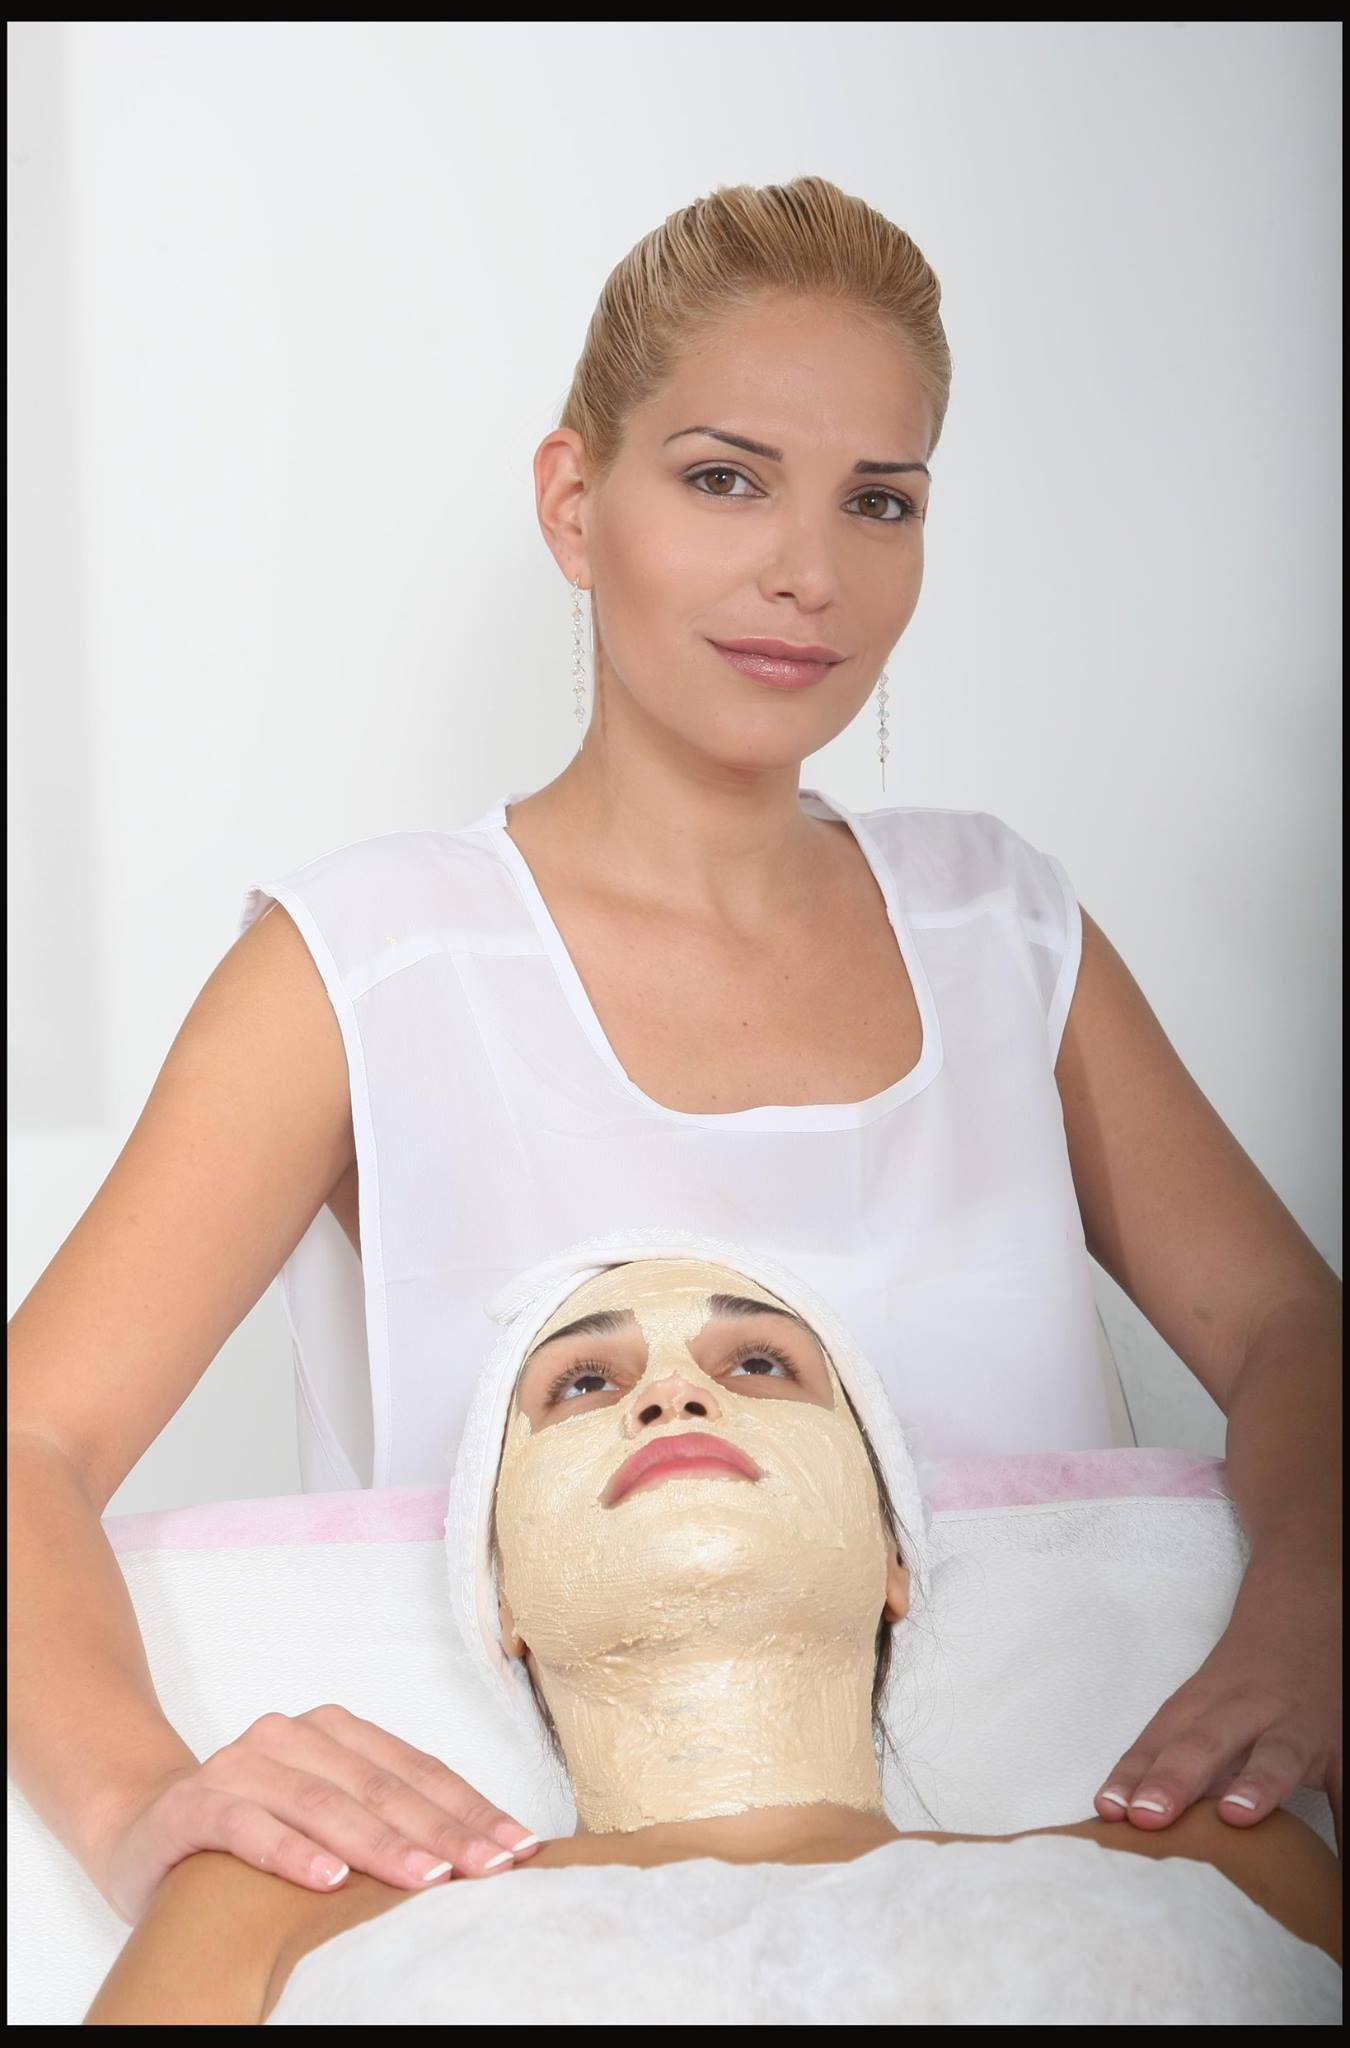 טיפולי פנים מיטל שימשי בתל אביב